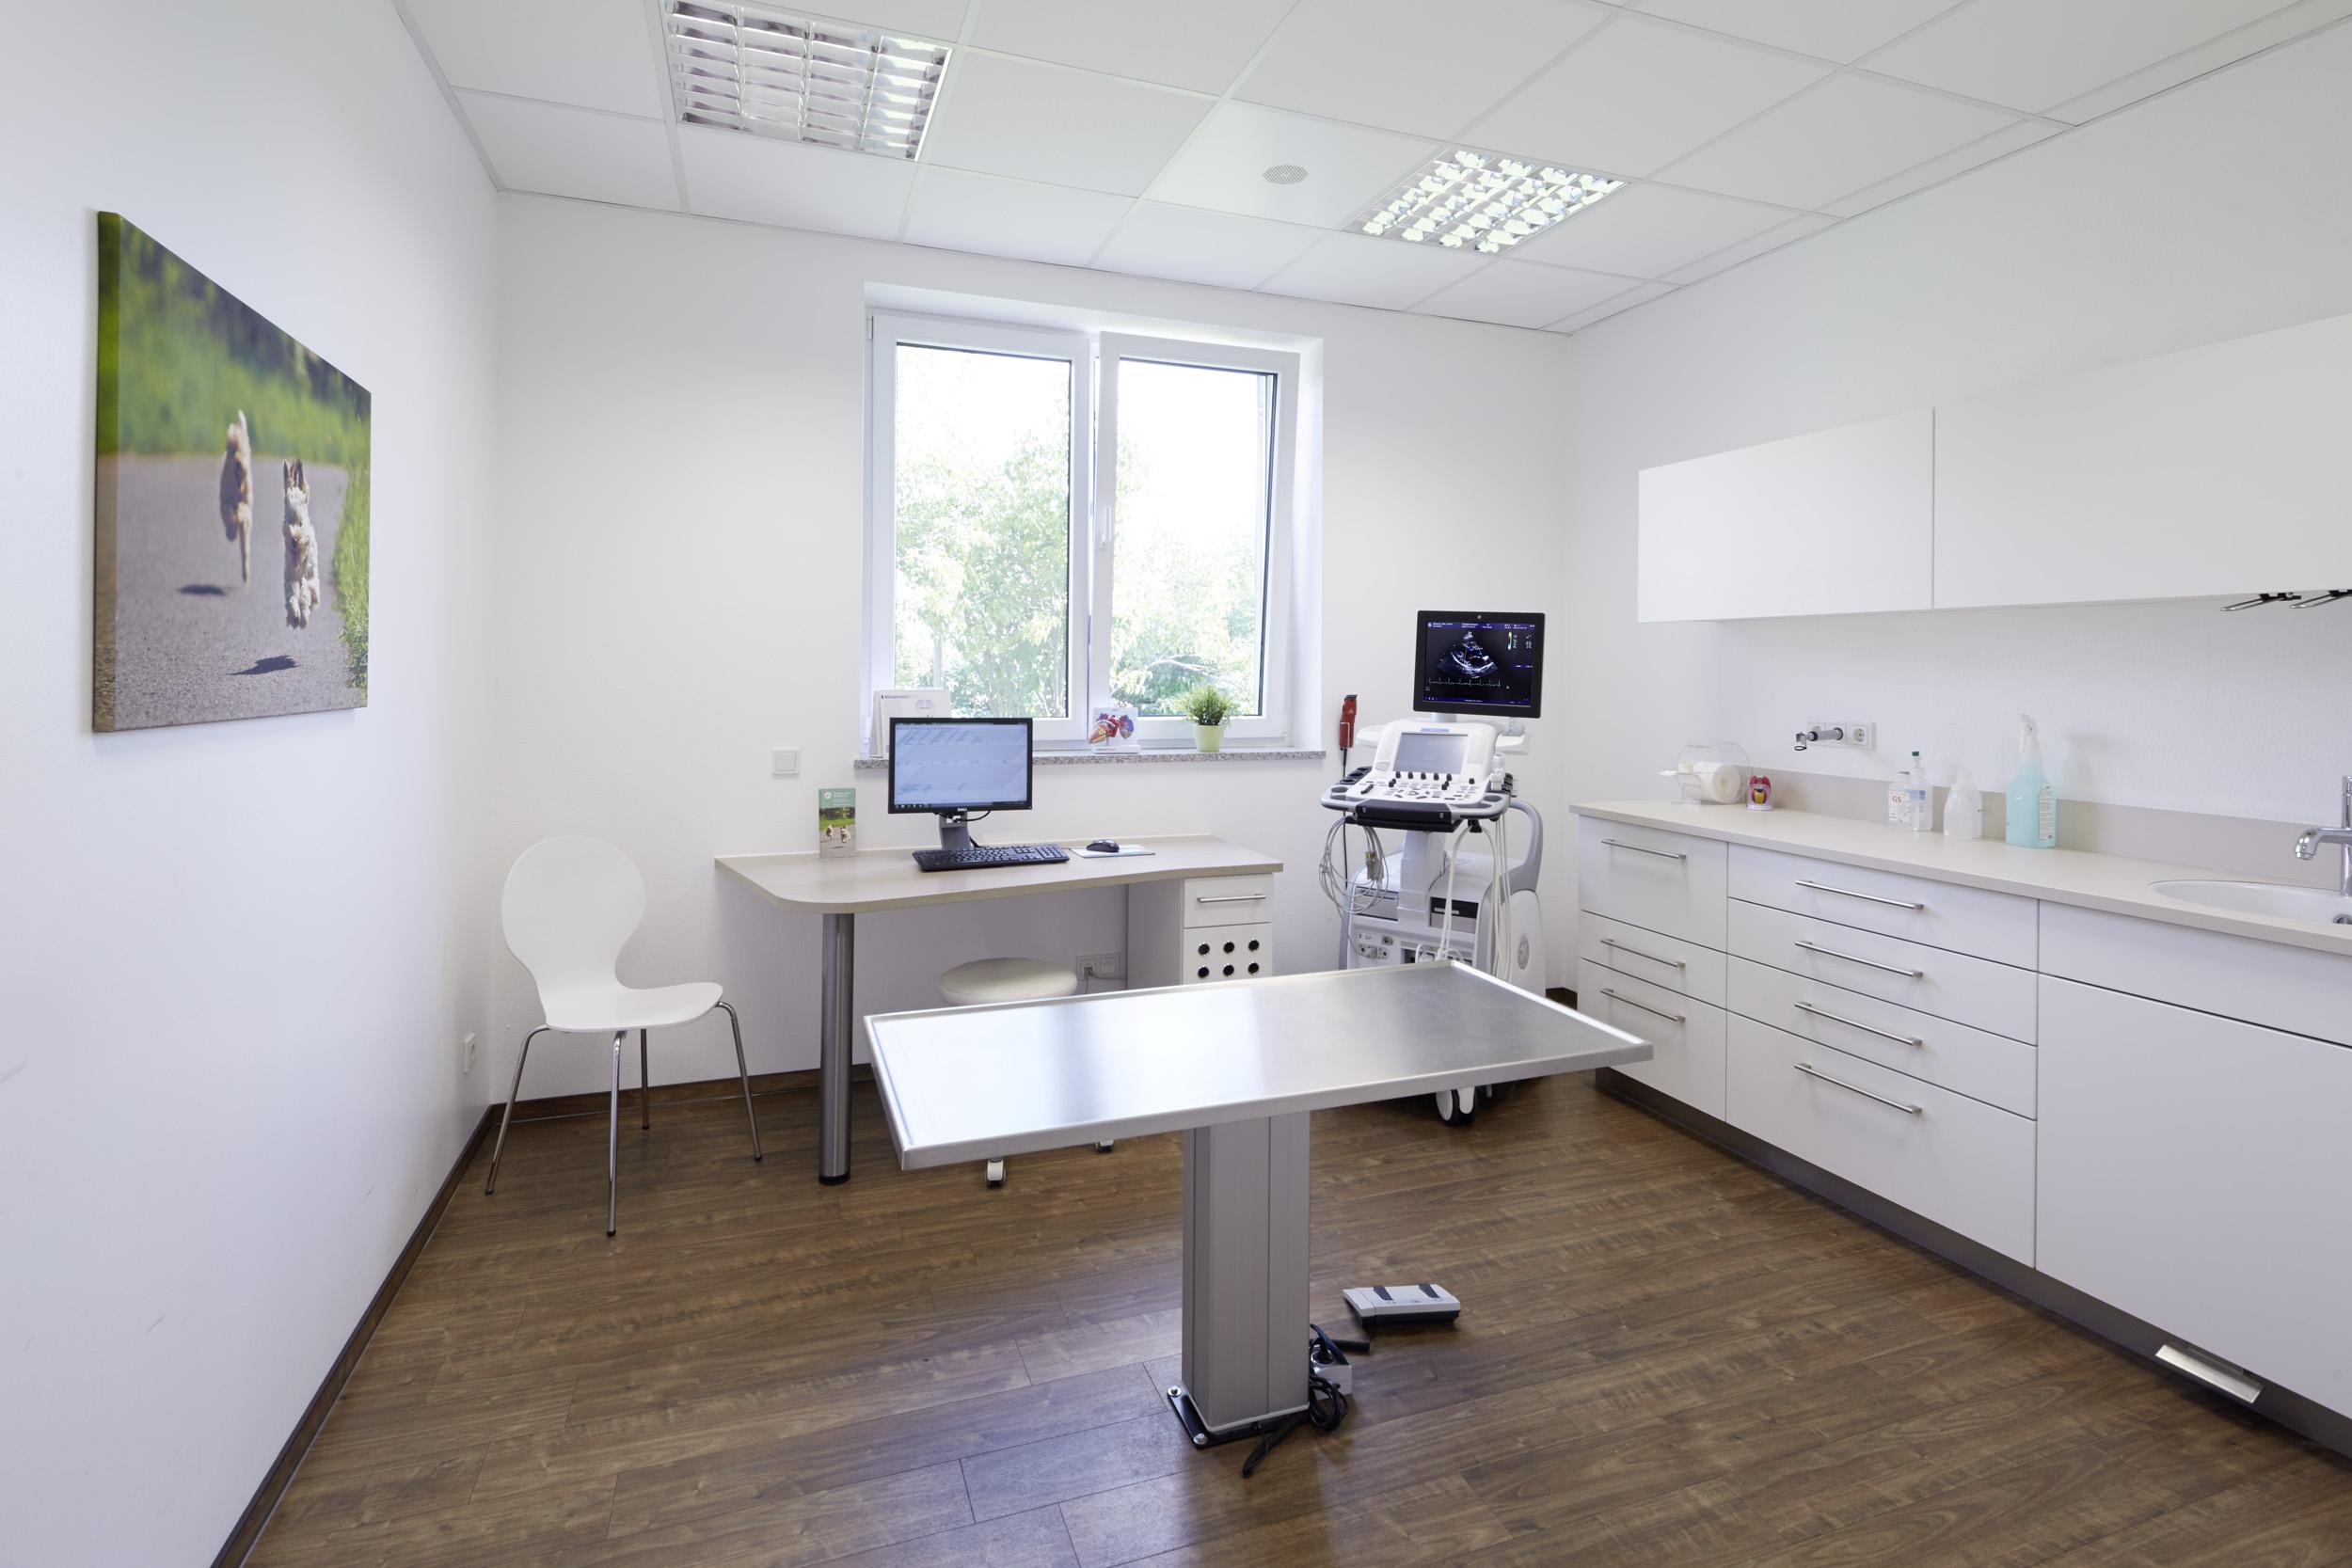 klinik kempten fax